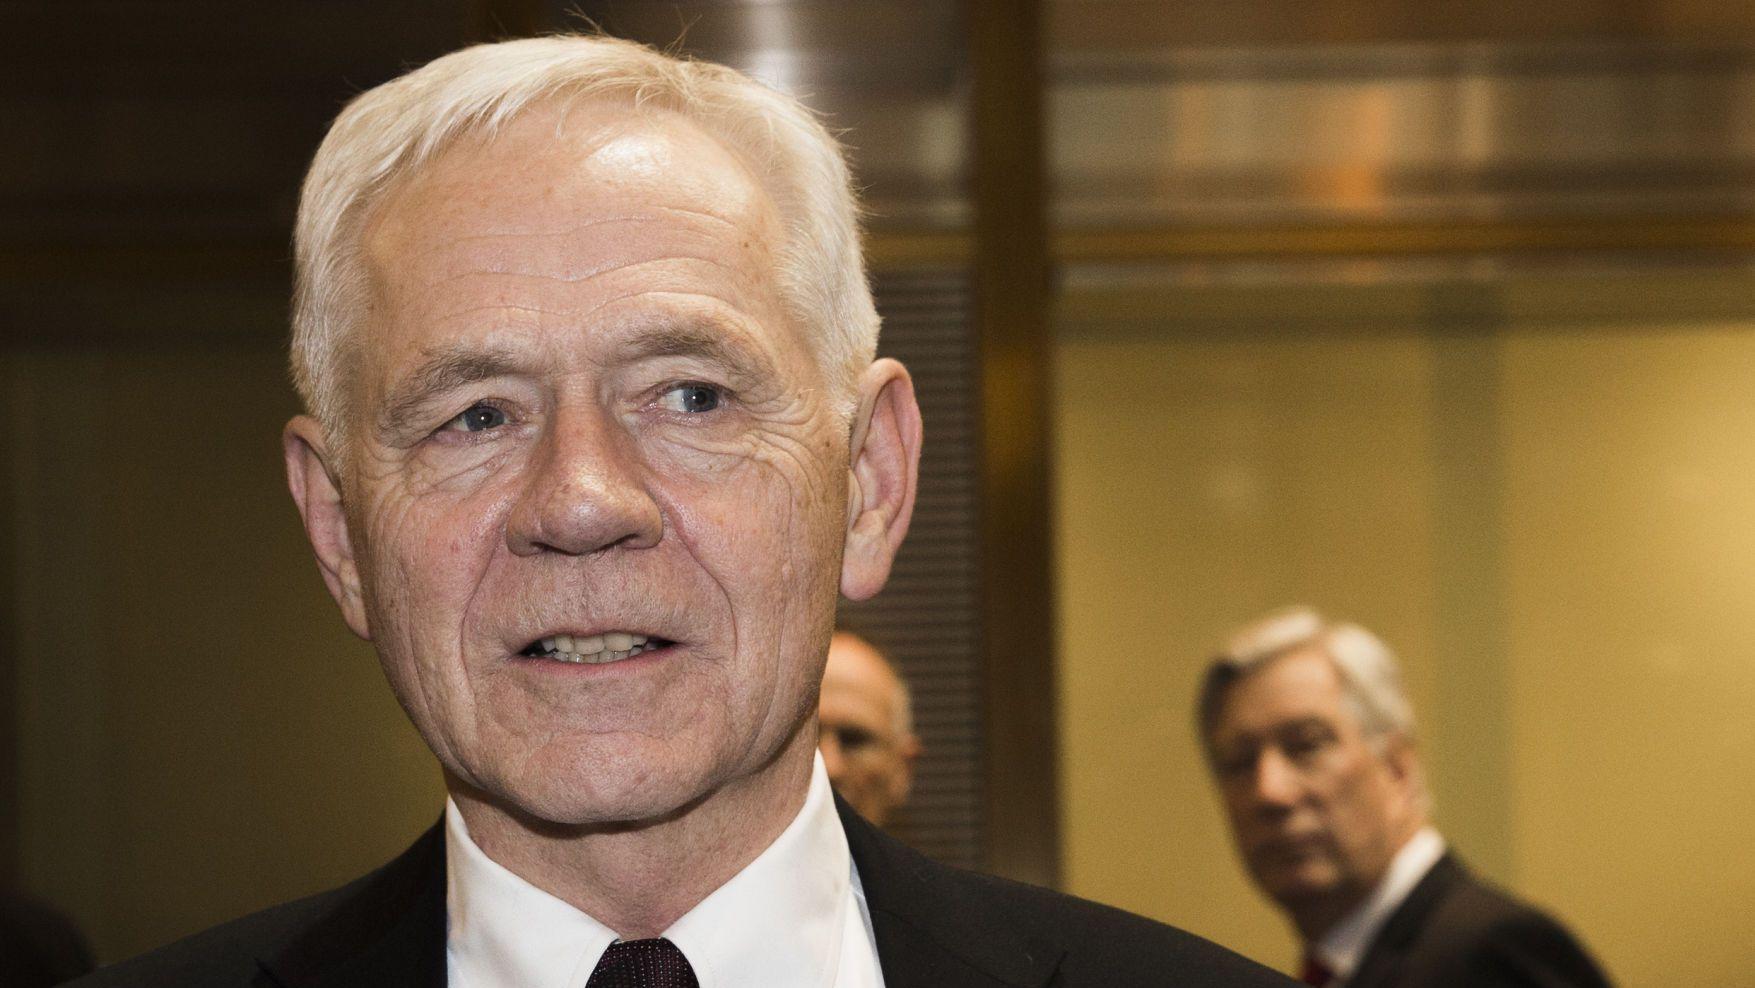 HØYRE-MANN: Victor D. Norman var arbeids- og administrasjonsminister i Bondevik-regjeringen. Han representerer fortsatt Høyre, nå i bystyret i Bergen.